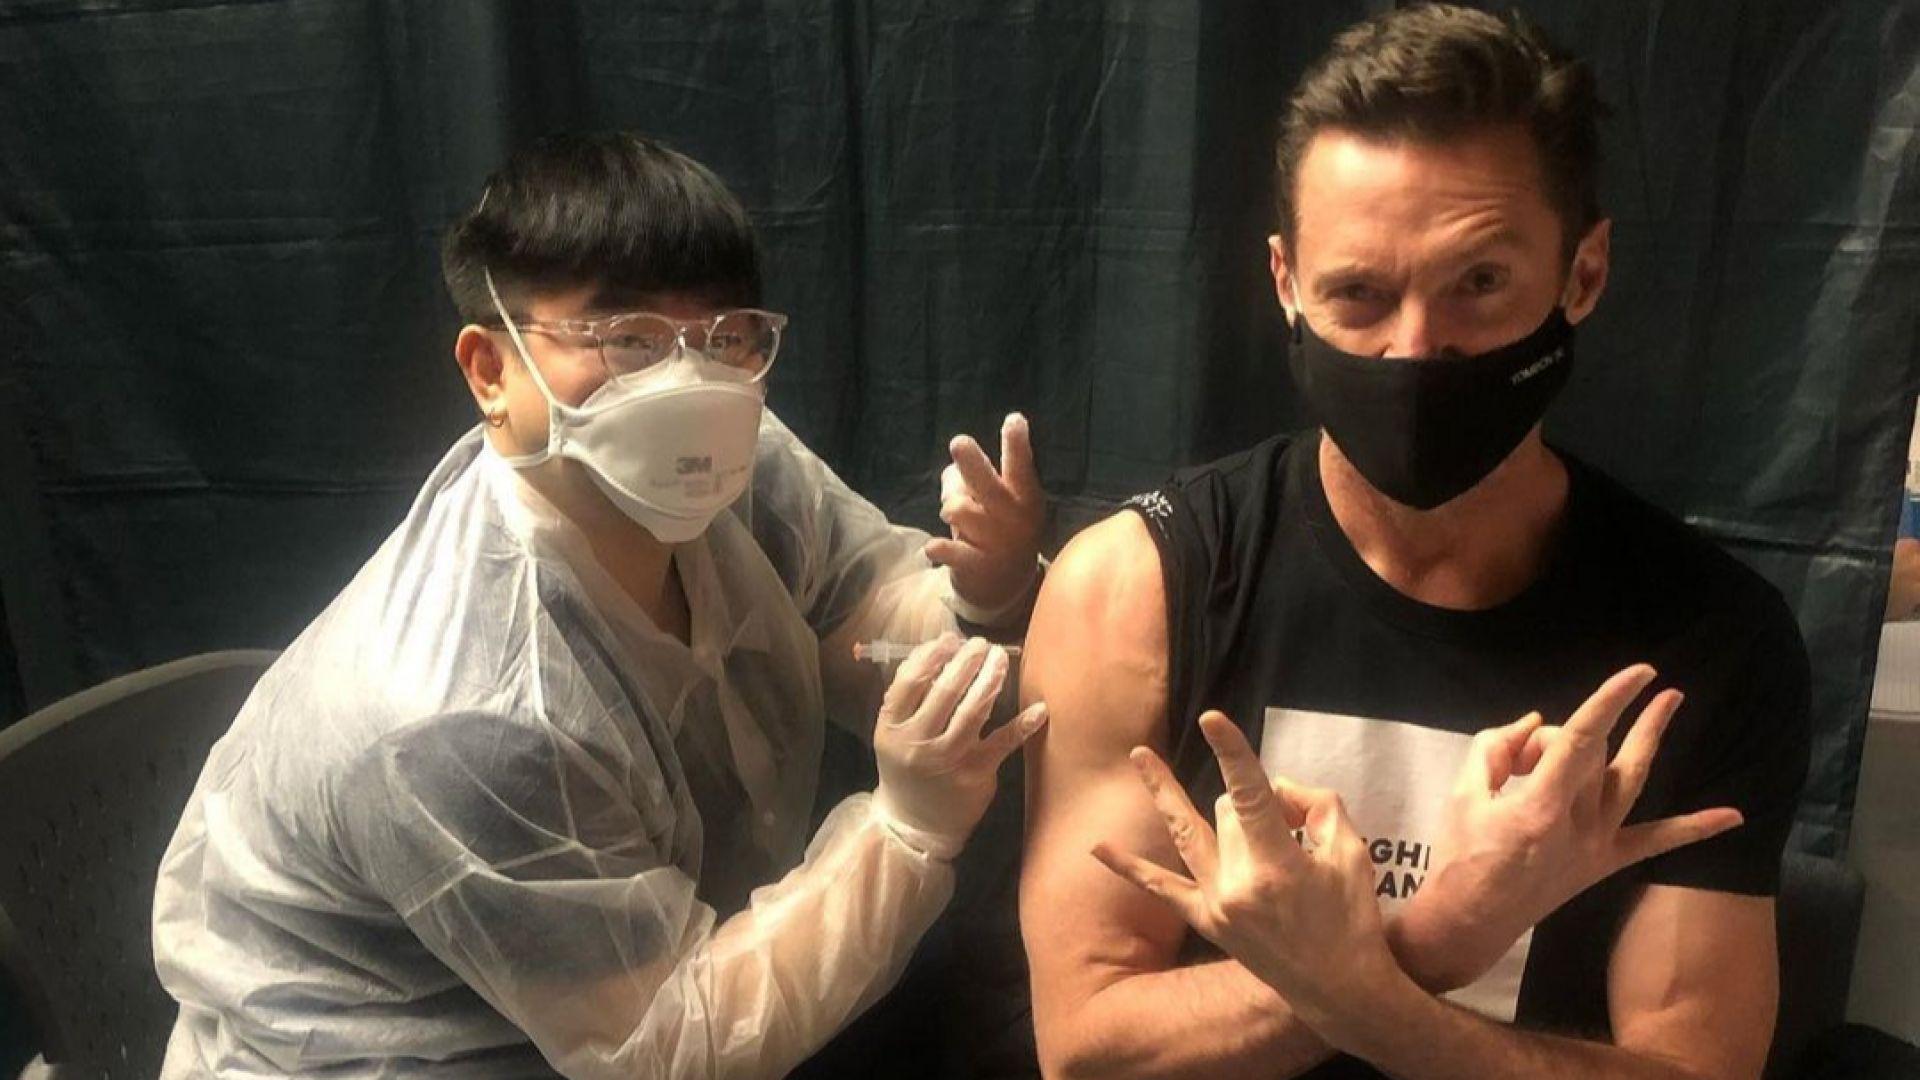 Хю Джакман и Бритни Спиърс показаха как се ваксинират срещу Covid-19